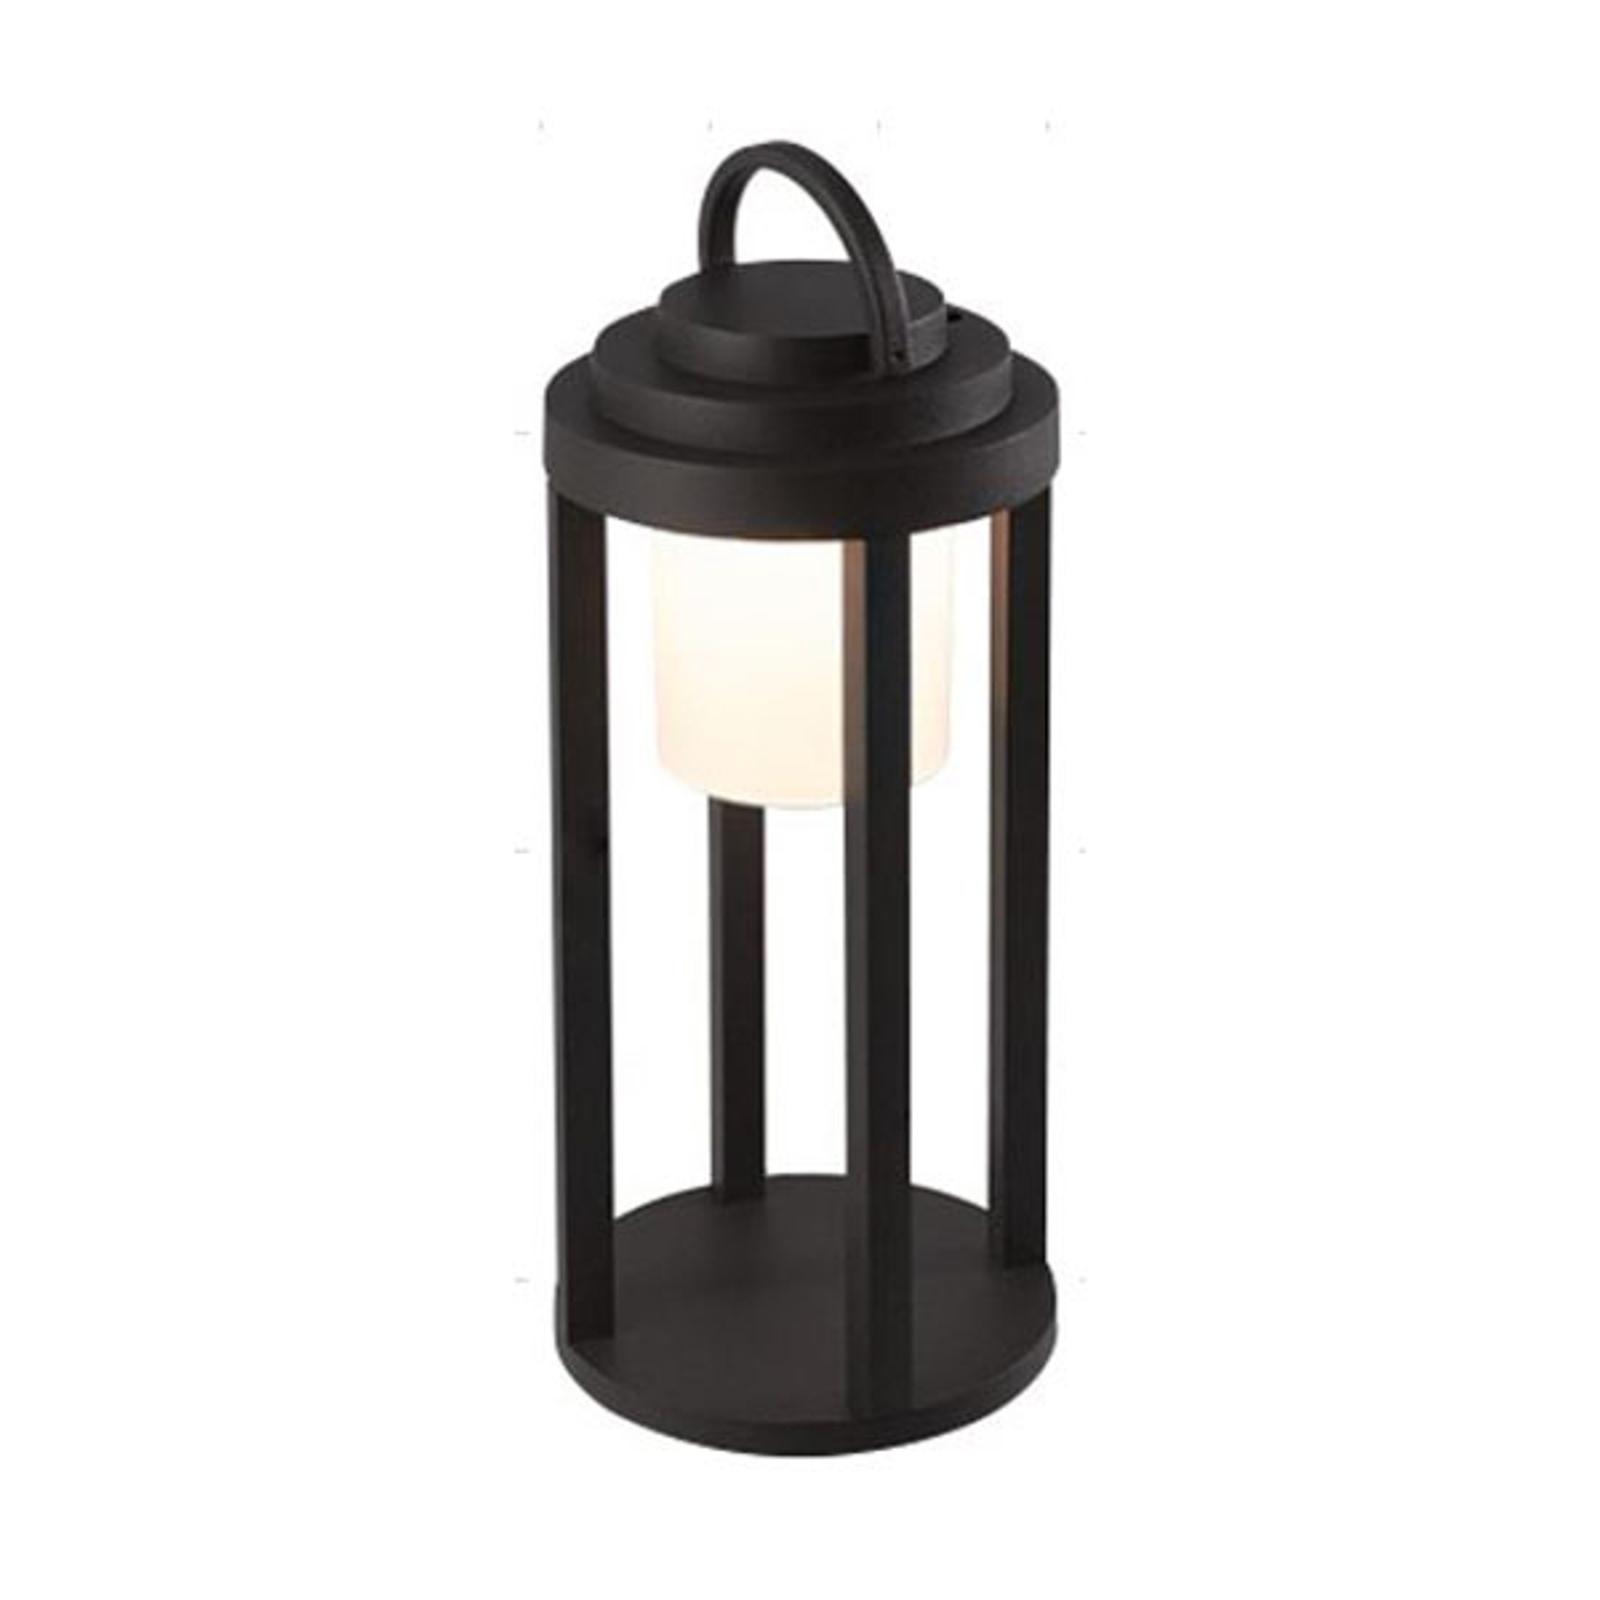 LED-Akkuaußenleuchte Kalimnos, schwarz, 35 cm